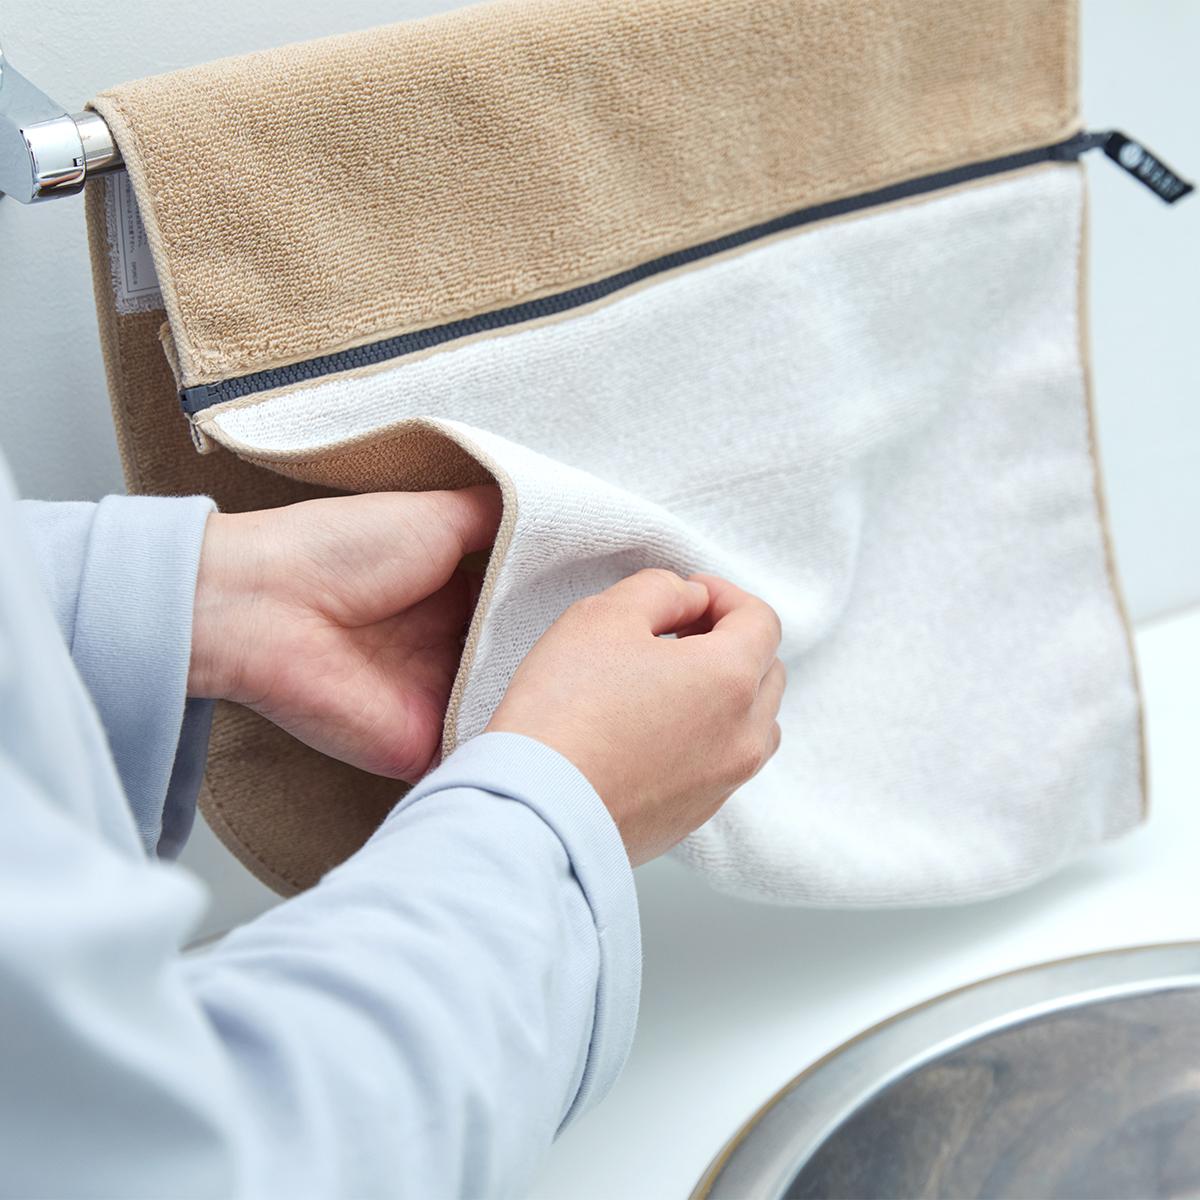 医師の岡崎成実氏が「いつも清潔な繊維製品」を求めて、タオルの老舗、一広(いちひろ)とつくった新しいタオル。酸化チタンと銀の作用で、生乾き臭・汗臭の菌を分解する「タオル」|WARP